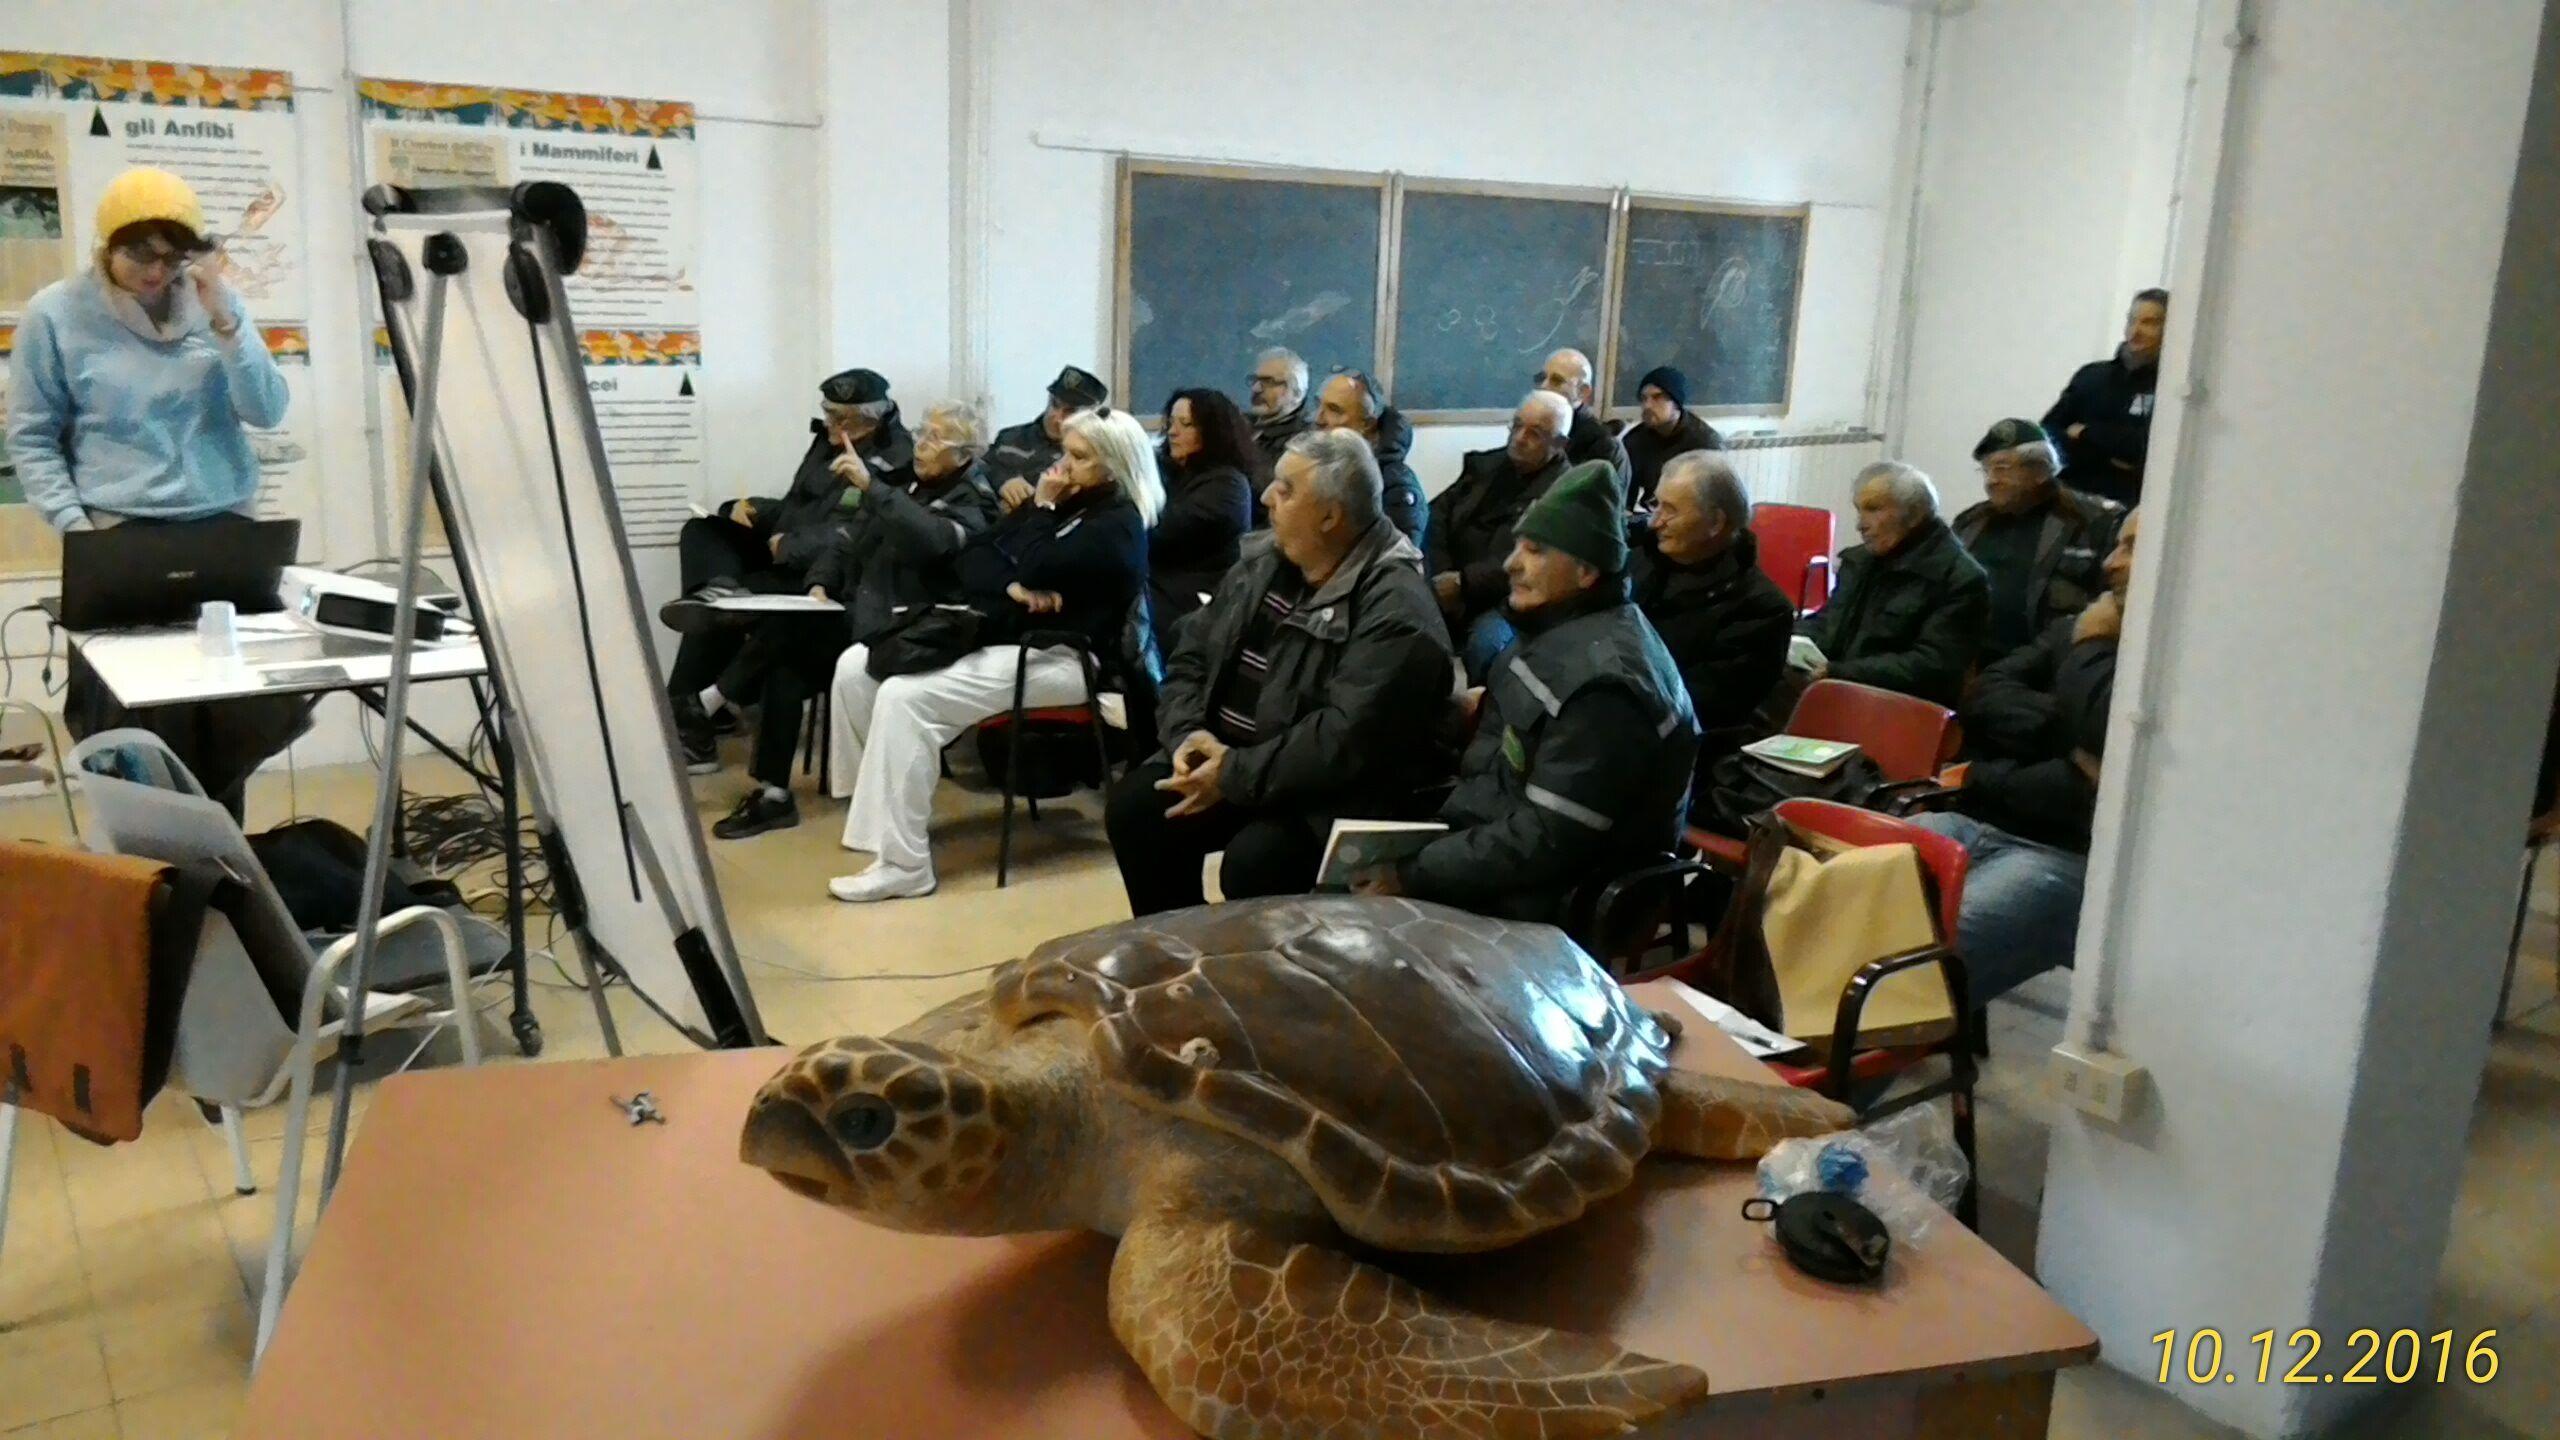 primo soccorso tartarughe marine guardie ecologiche